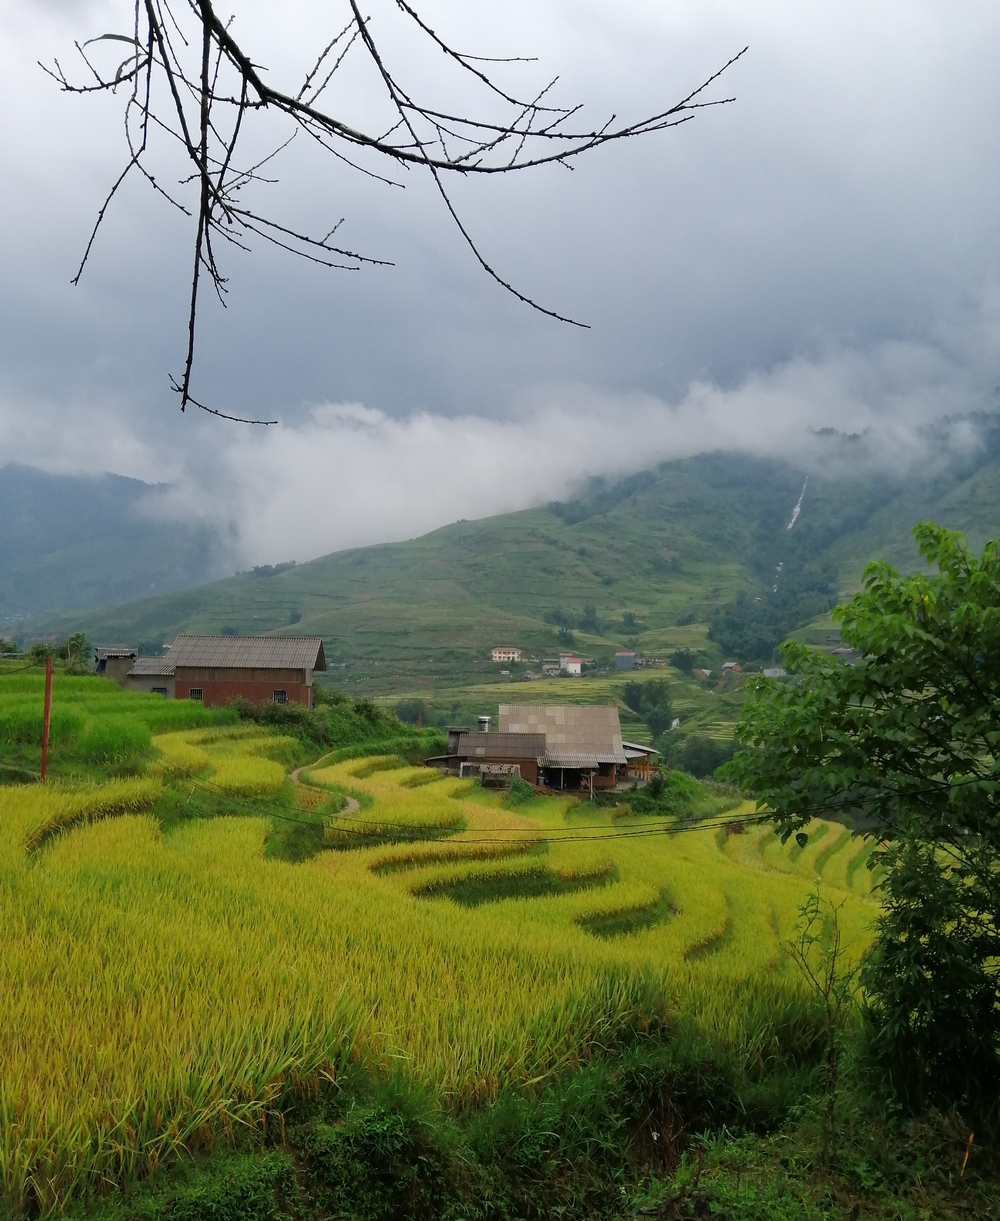 vietnam-rizsteraszok.jpg